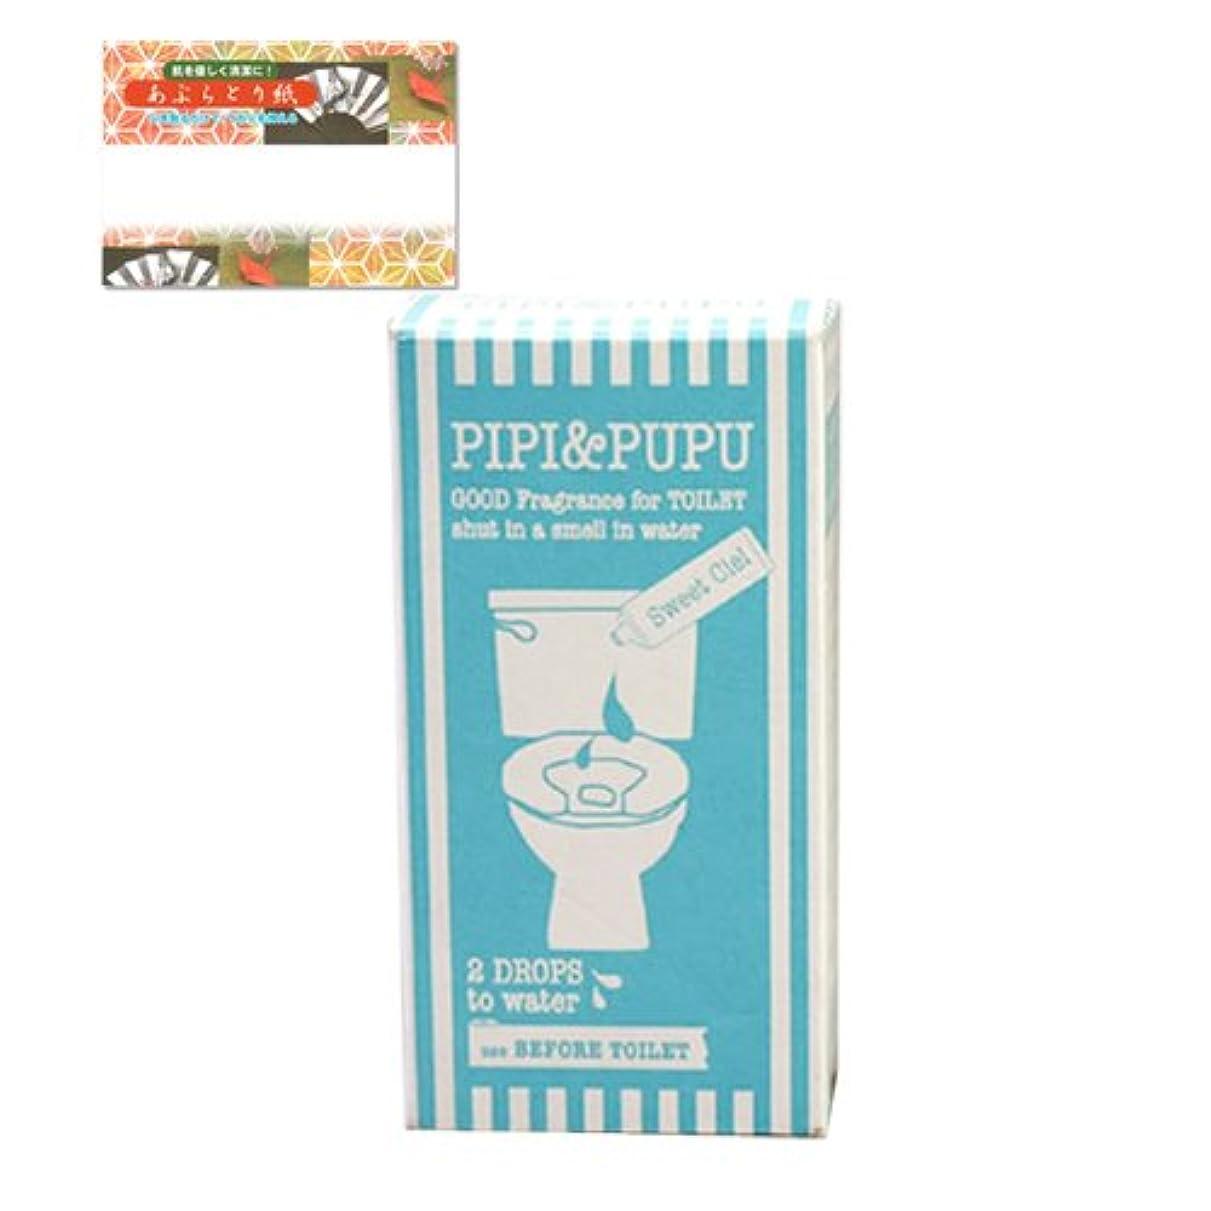 アラビア語ルアー構成員トイレ用携帯消臭剤 ピピ&ププ (PIPI&PUPU) 15ml + 高級あぶらとり紙セット